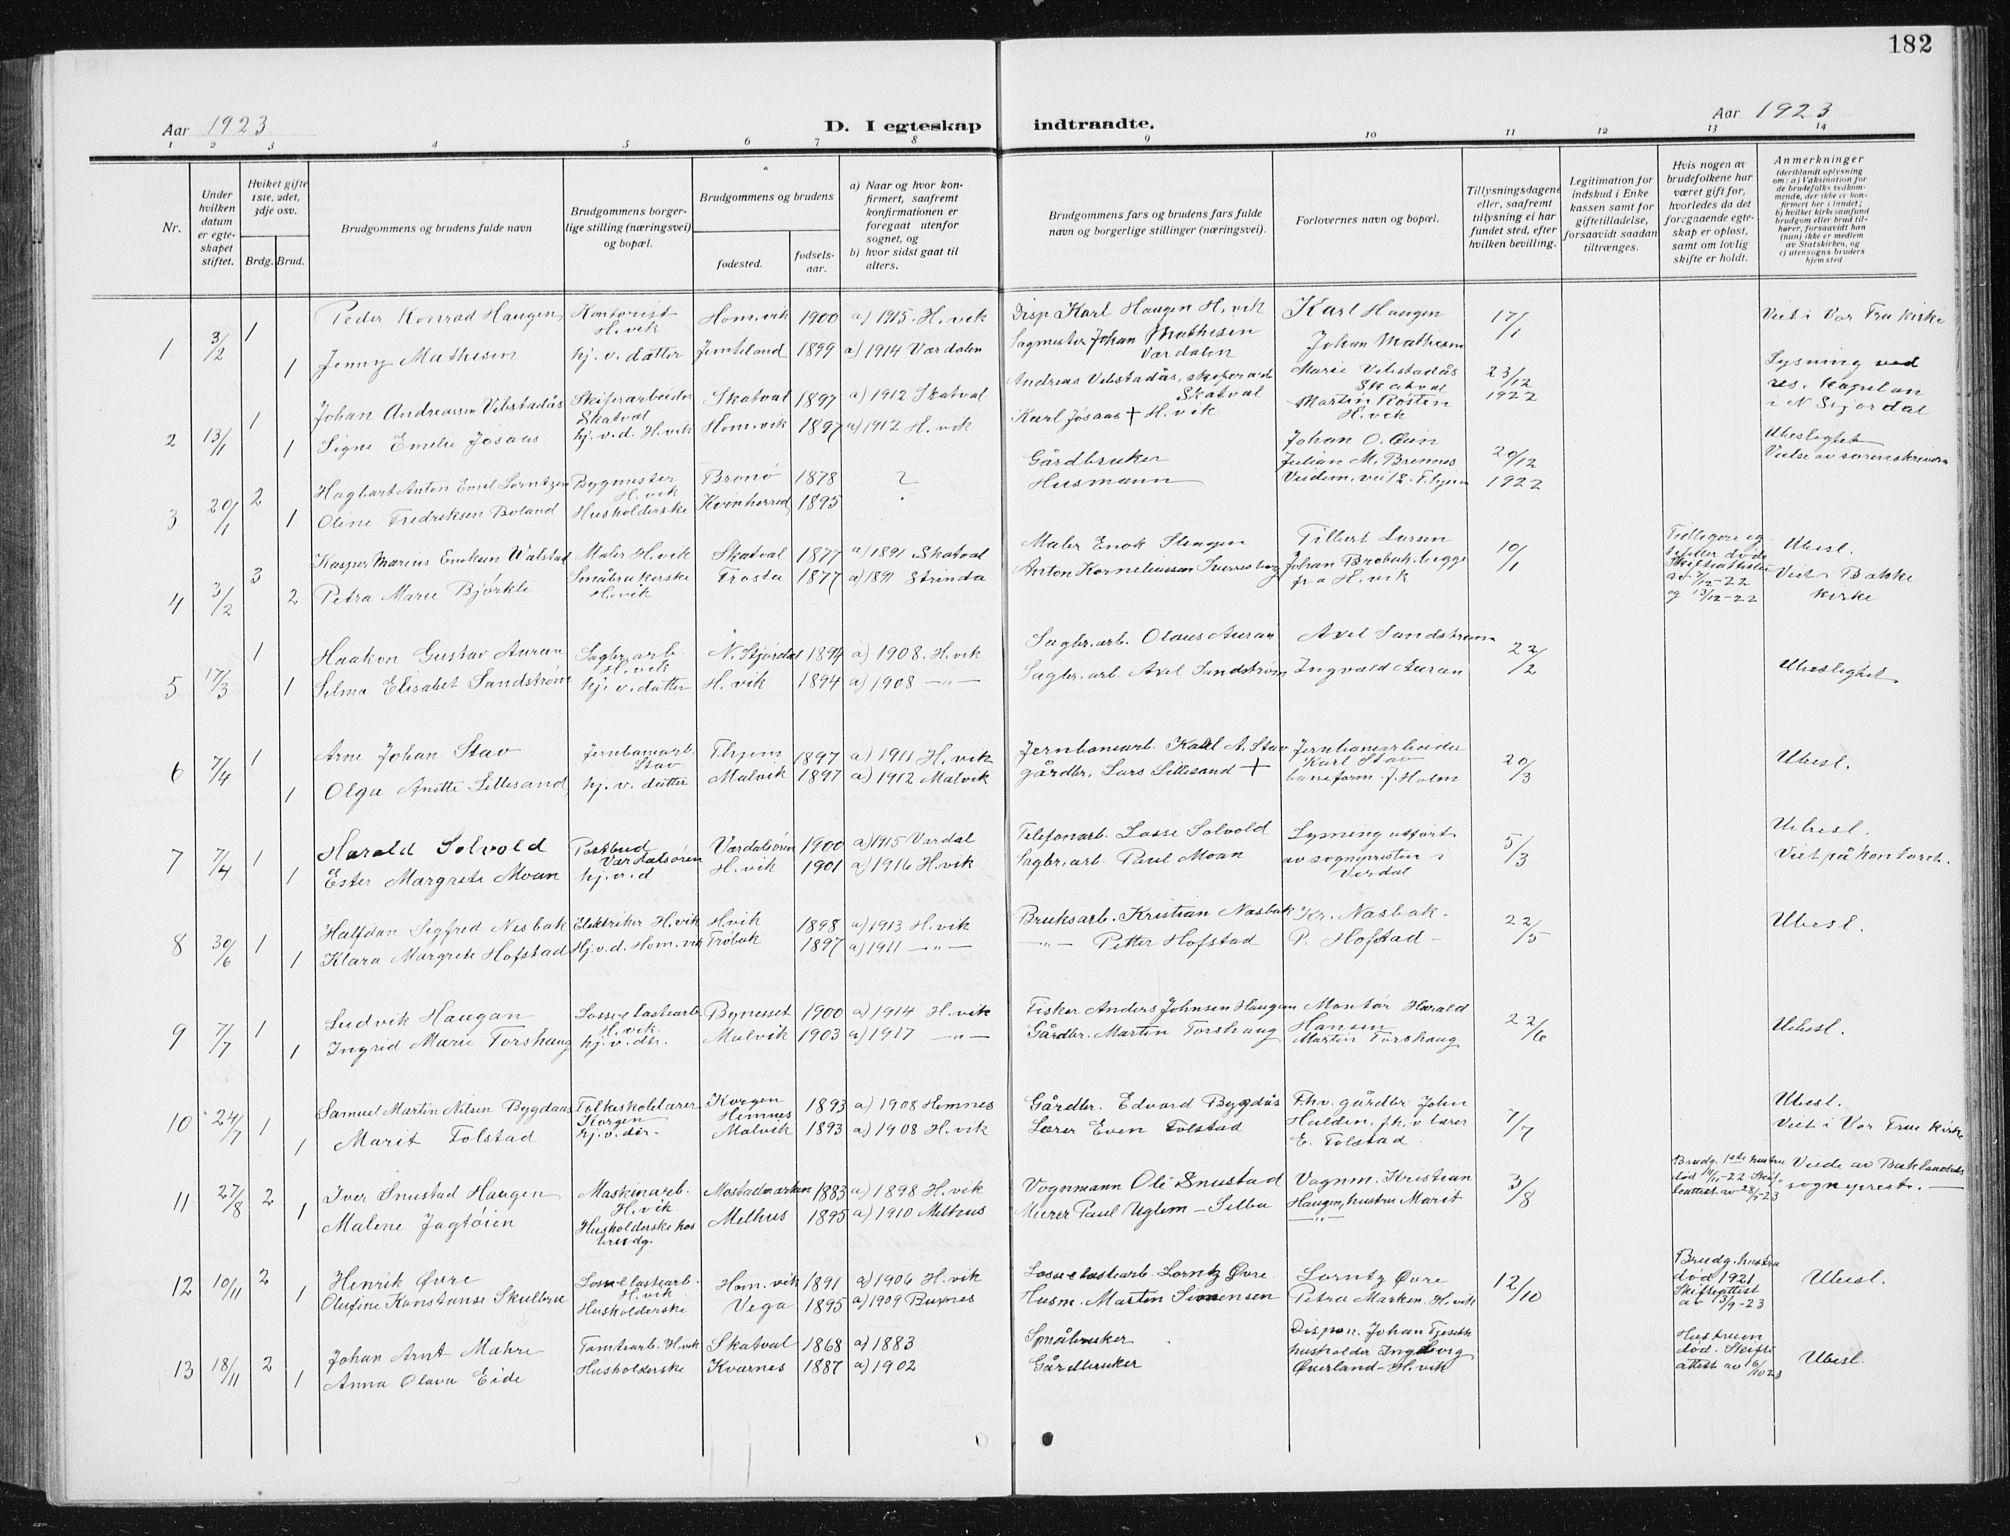 SAT, Ministerialprotokoller, klokkerbøker og fødselsregistre - Sør-Trøndelag, 617/L0431: Klokkerbok nr. 617C02, 1910-1936, s. 182